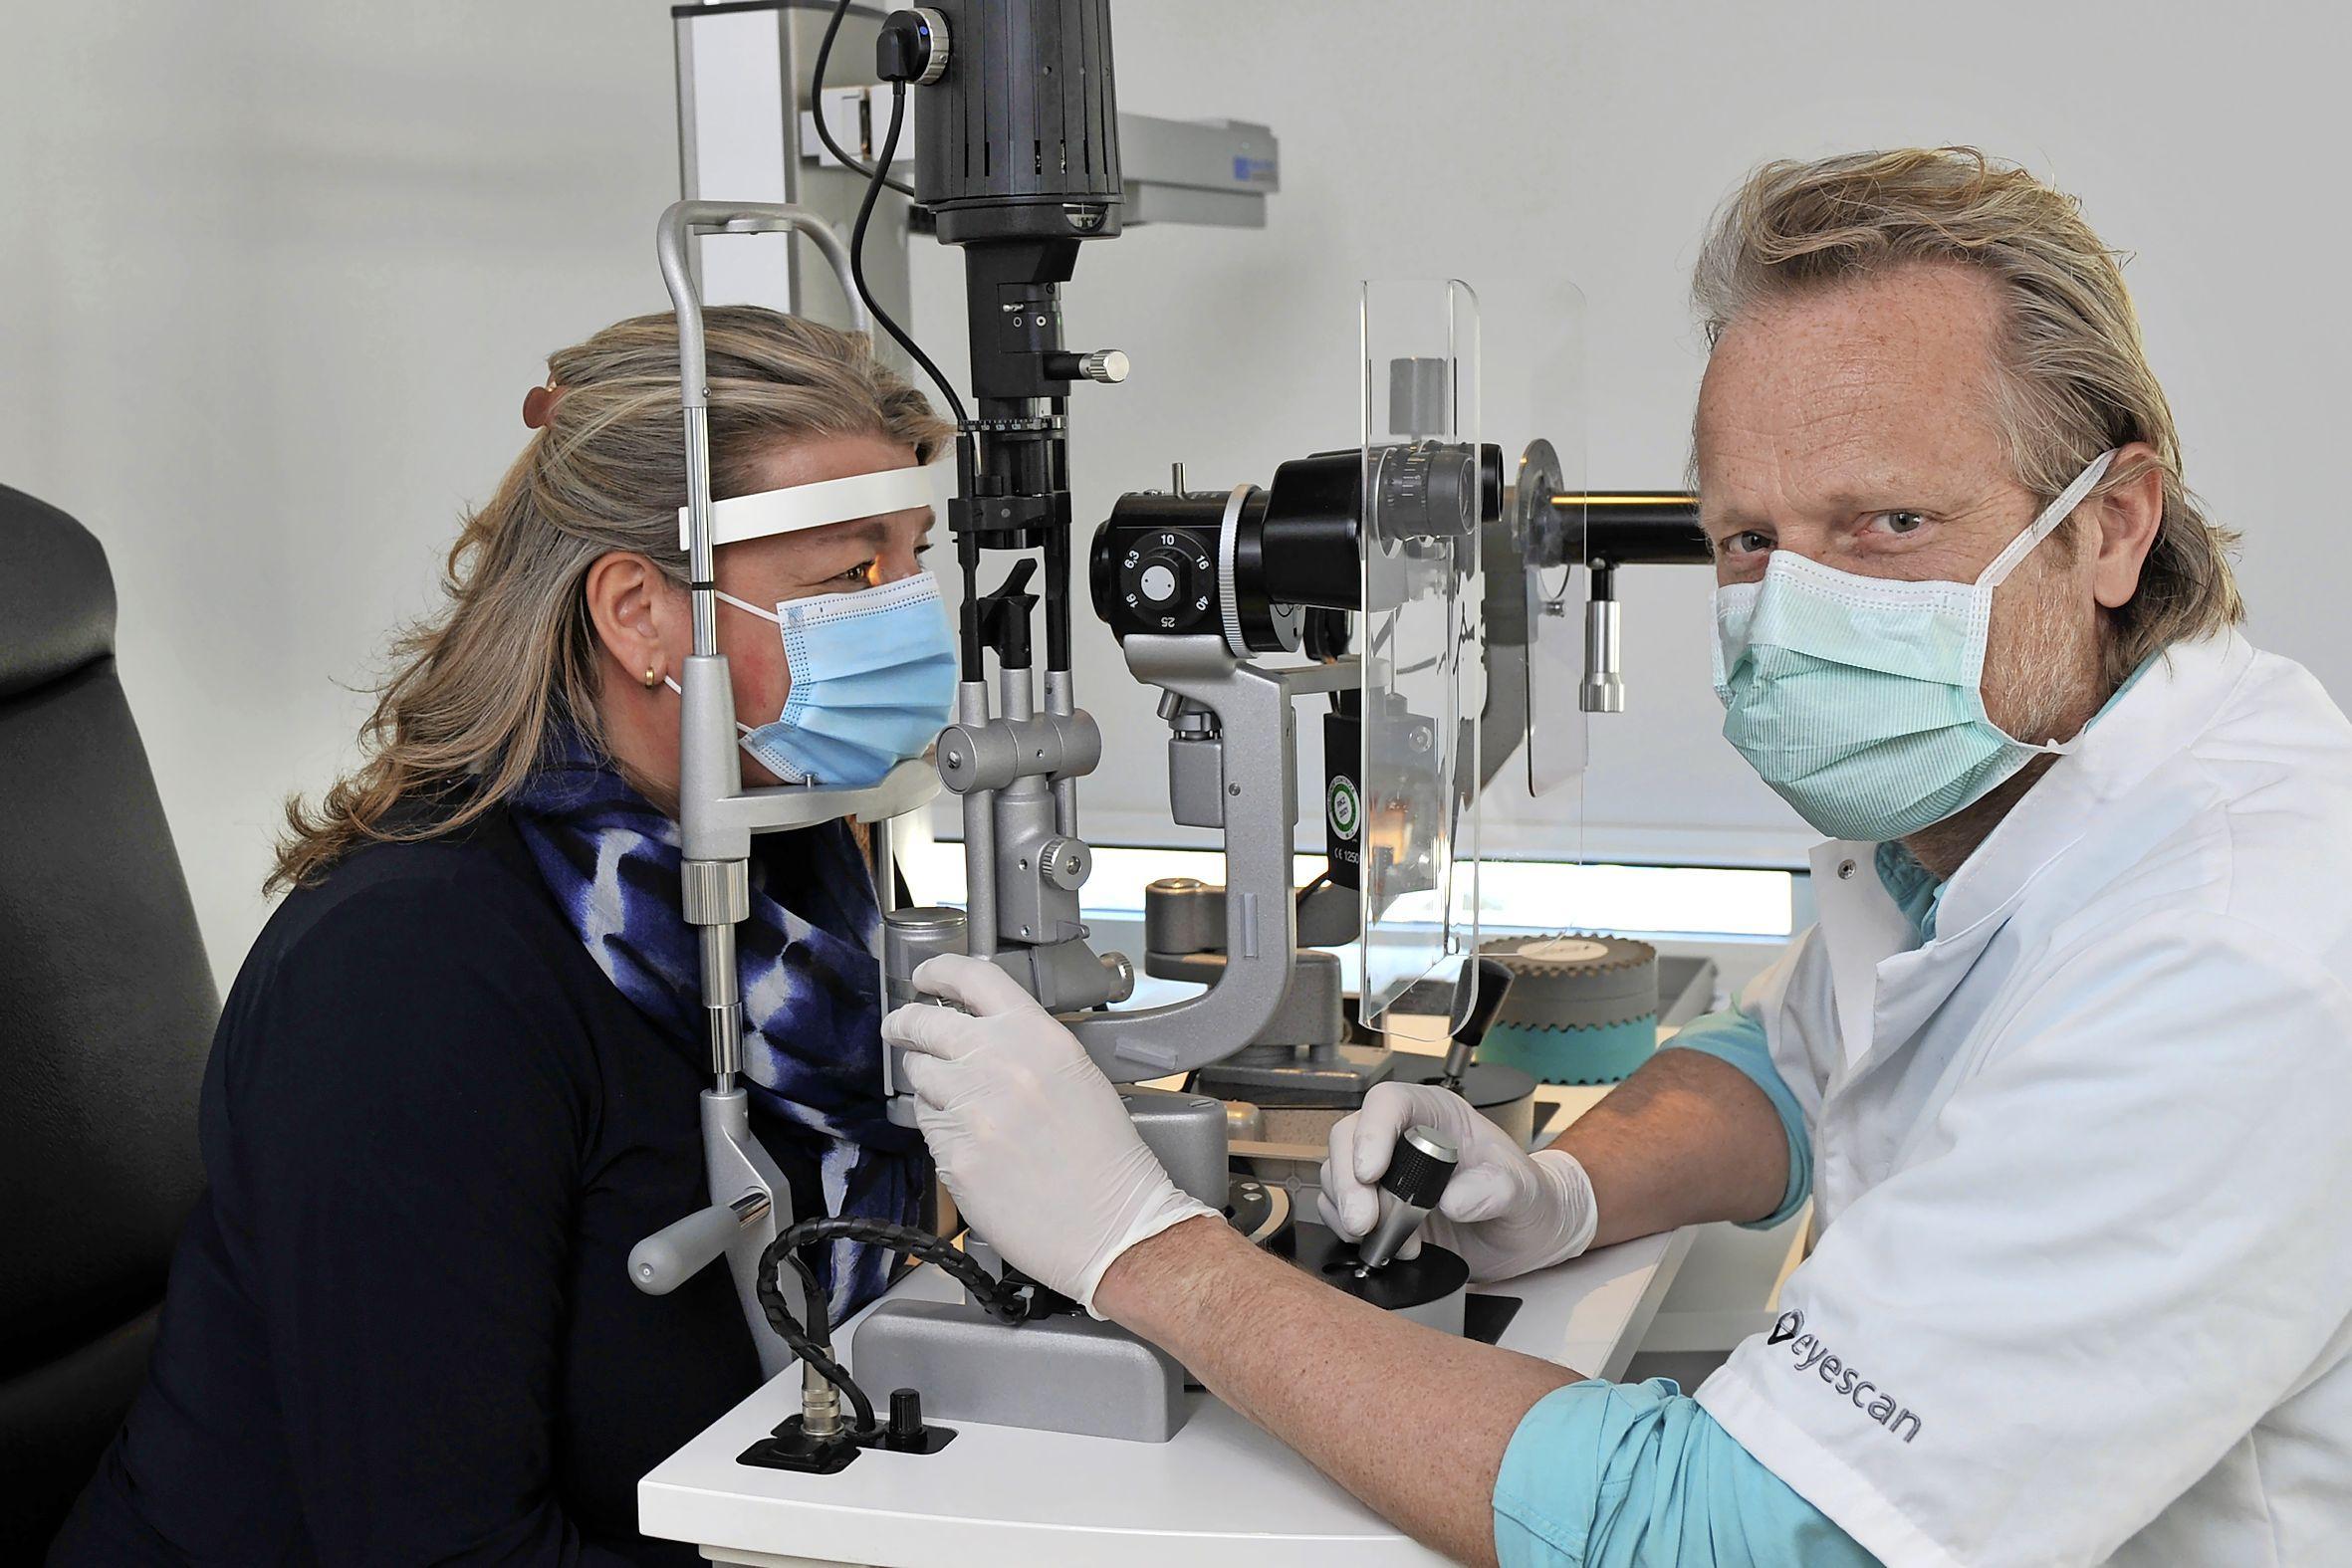 Uitbreiding oogzorg bij RKZ Eyescan komt in coronatijd als geroepen. Kinderen hebben nu hun eigen afdeling, inclusief speelruimte